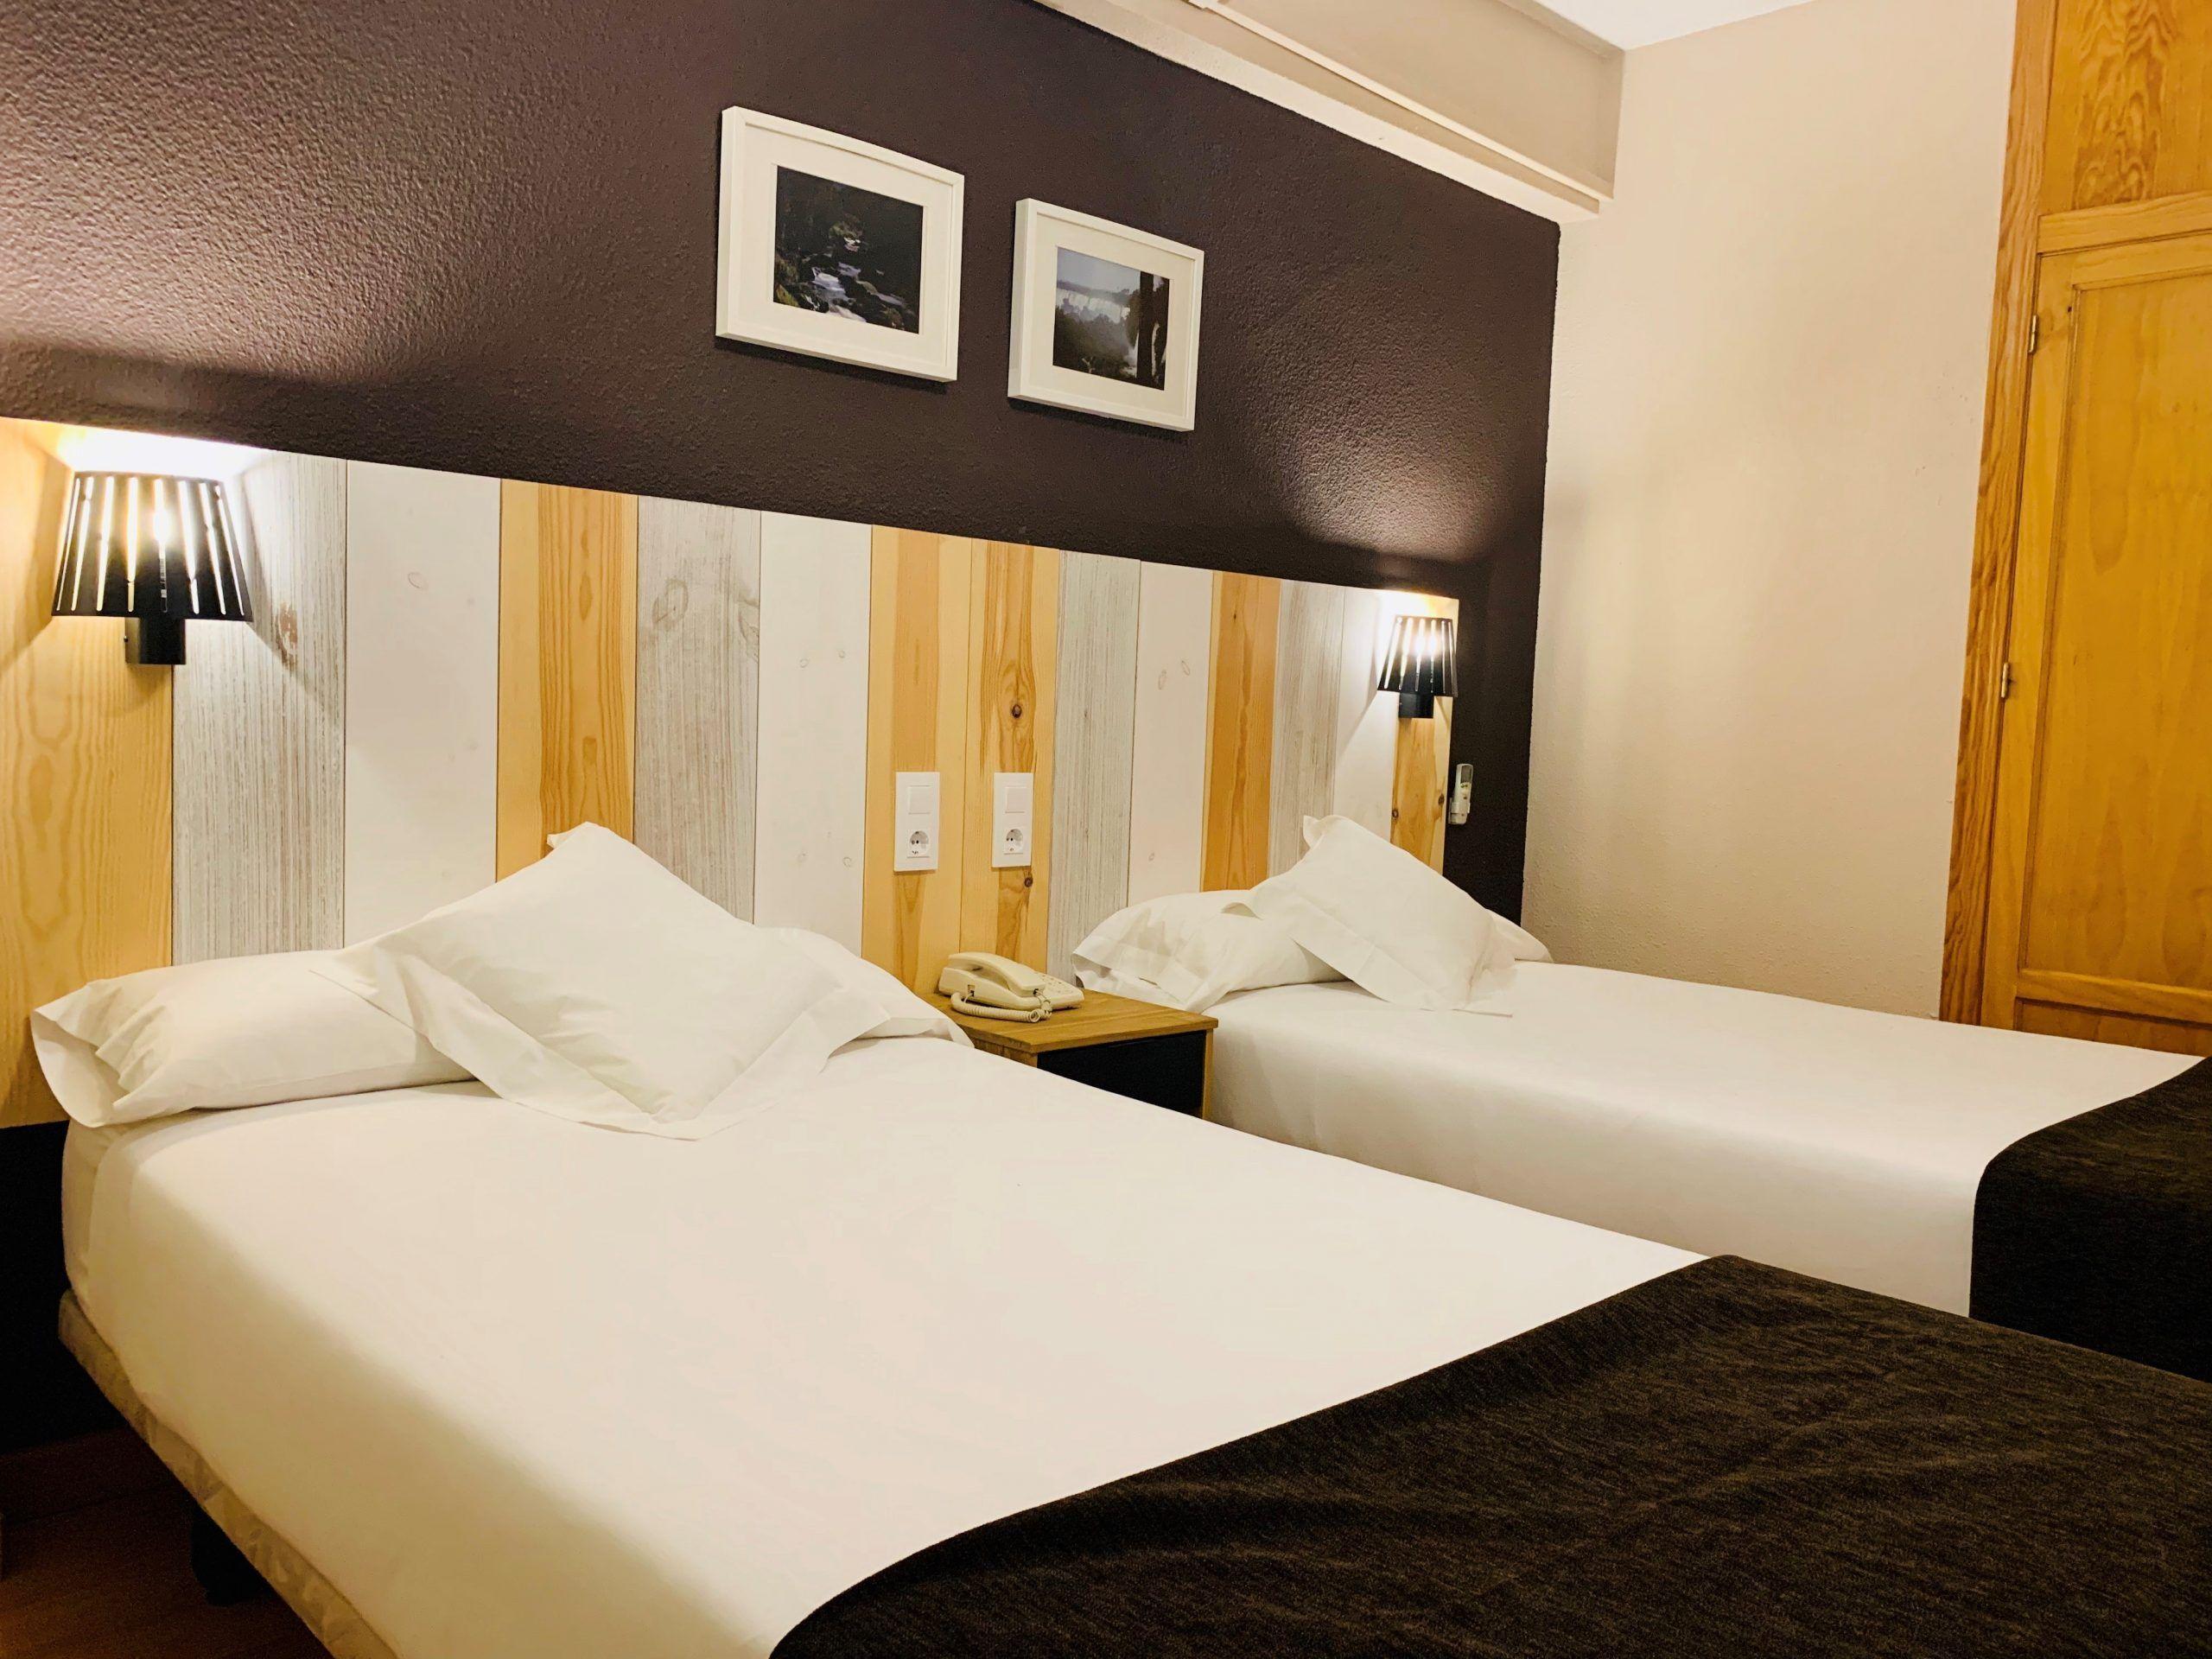 habitación con 2 camas separadas